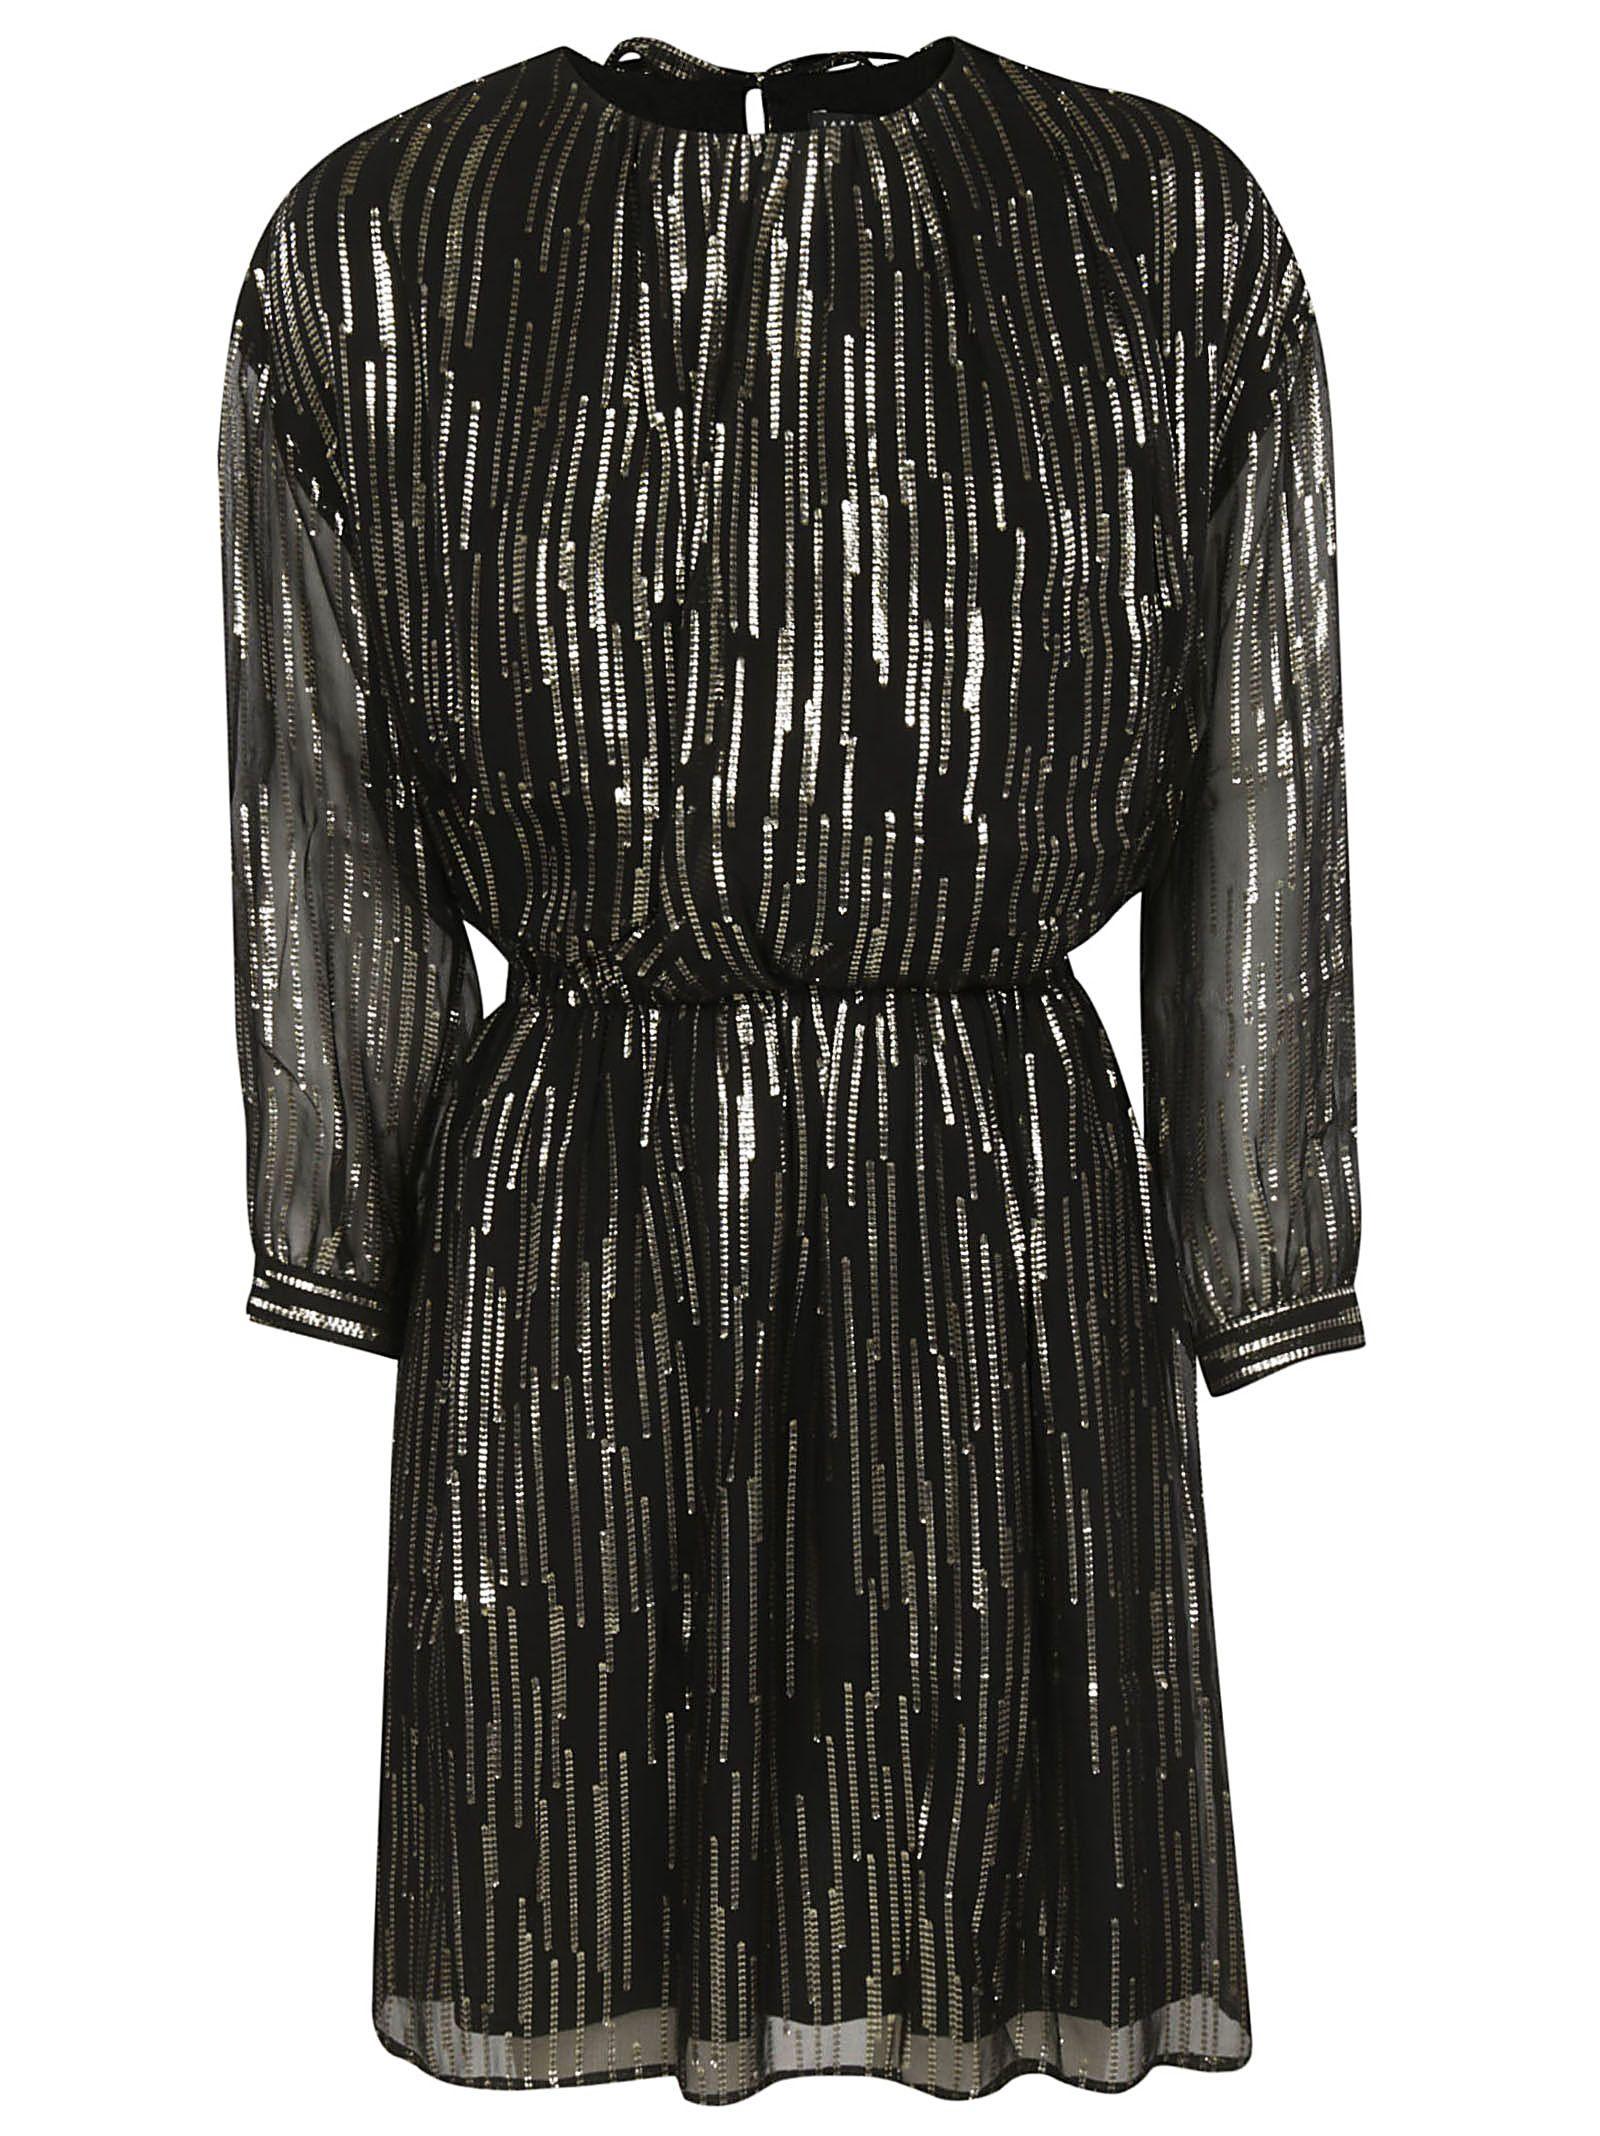 TARA JARMON Embellished Dress in Noir